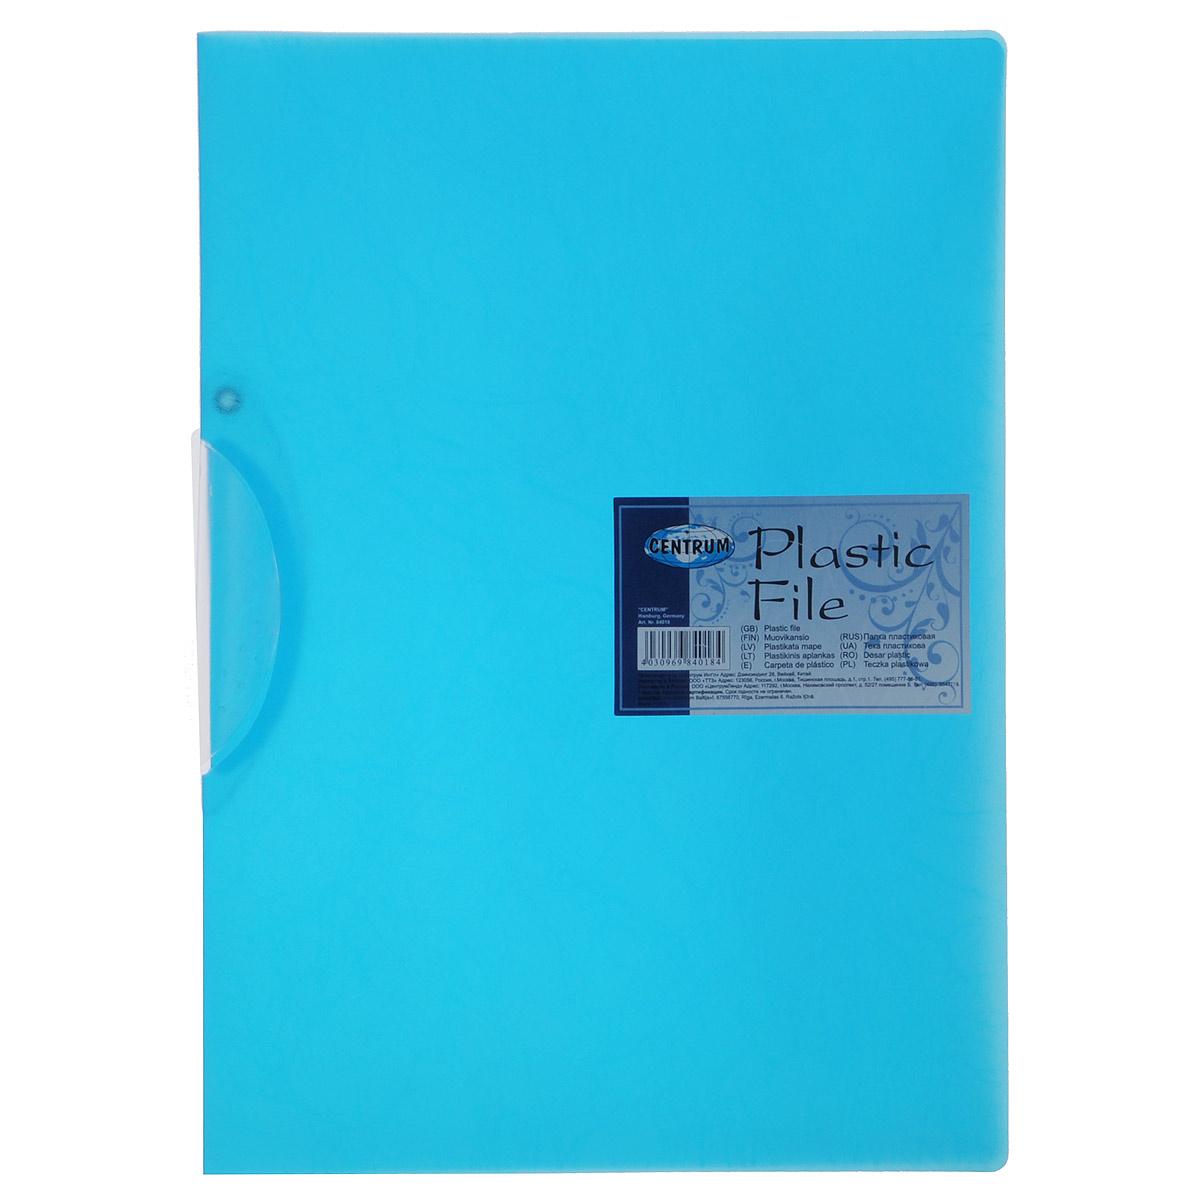 Папка с клипом Centrum, формат А4, цвет: синий84018Папка с клипом Centrum - это удобный и практичный офисный инструмент, предназначенный для хранения и транспортировки неперфорированных рабочих бумаг и документов формата А4.Она изготовлена из прочного пластика и оснащена боковым поворотным клипом, позволяющим фиксировать неперфорированные листы.Папка - это незаменимый атрибут для студента, школьника, офисного работника. Такая папка практична в использовании и надежно сохранит ваши документы и сбережет их от повреждений, пыли и влаги.